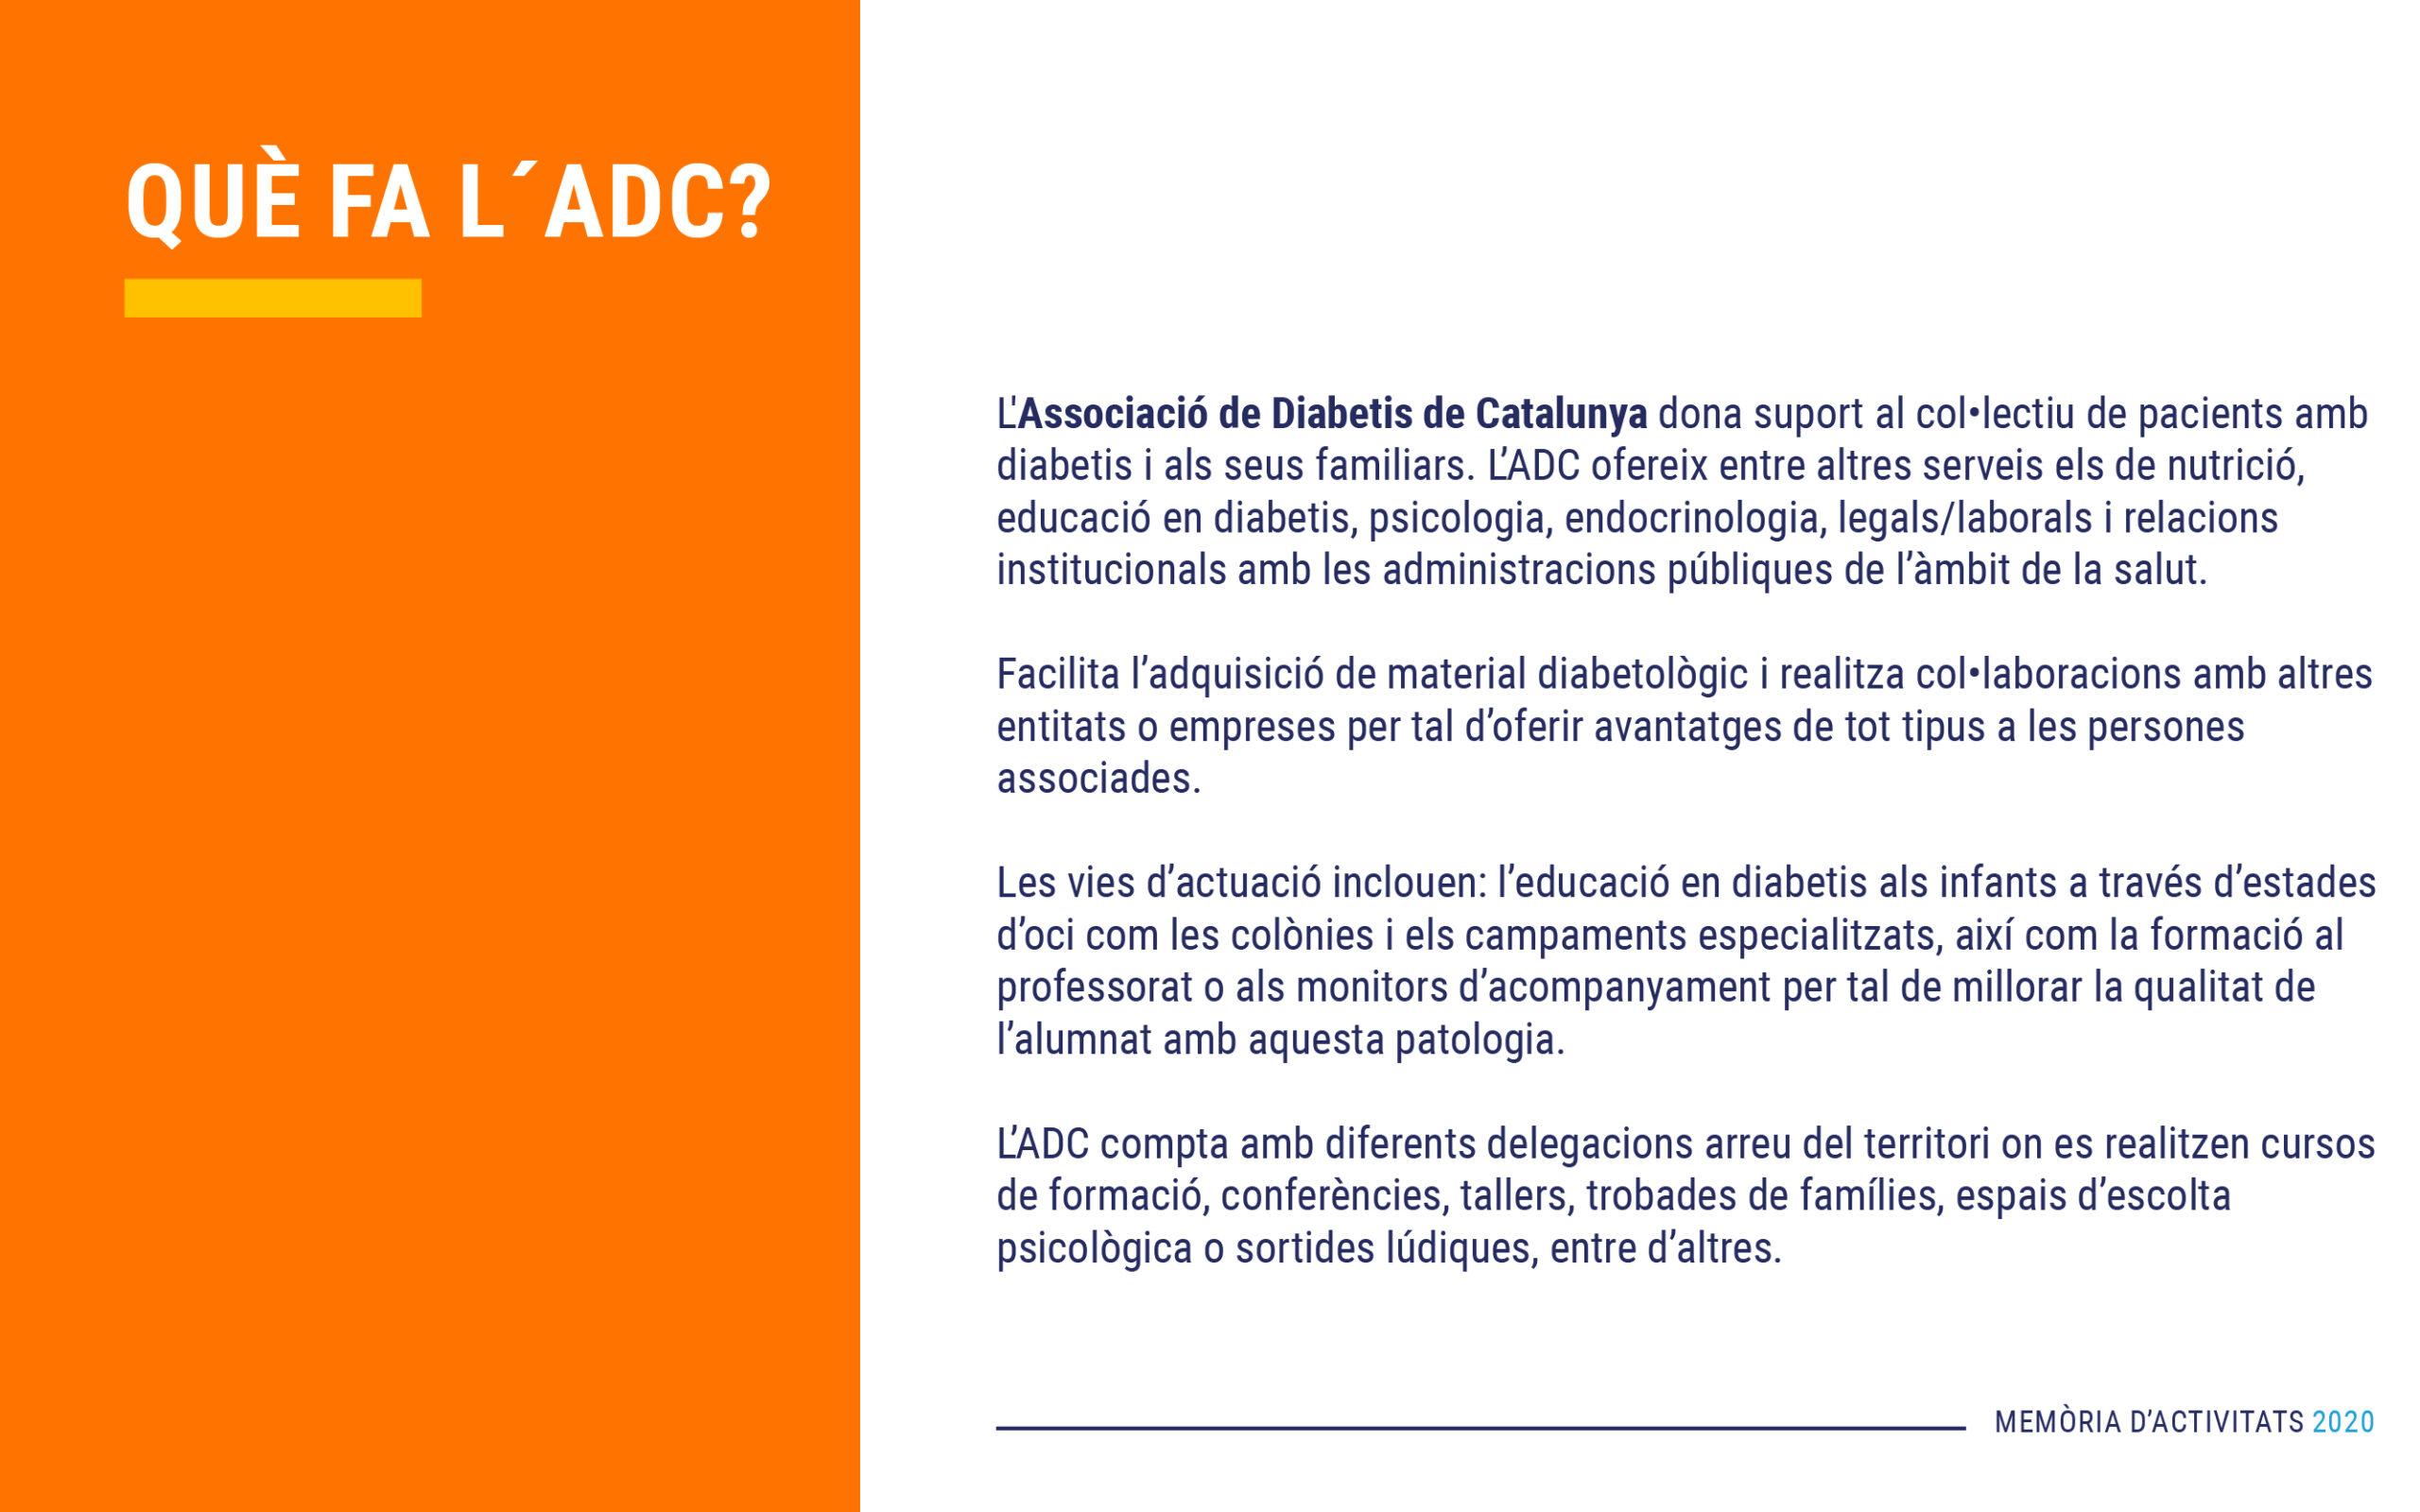 Què és l'ADC?